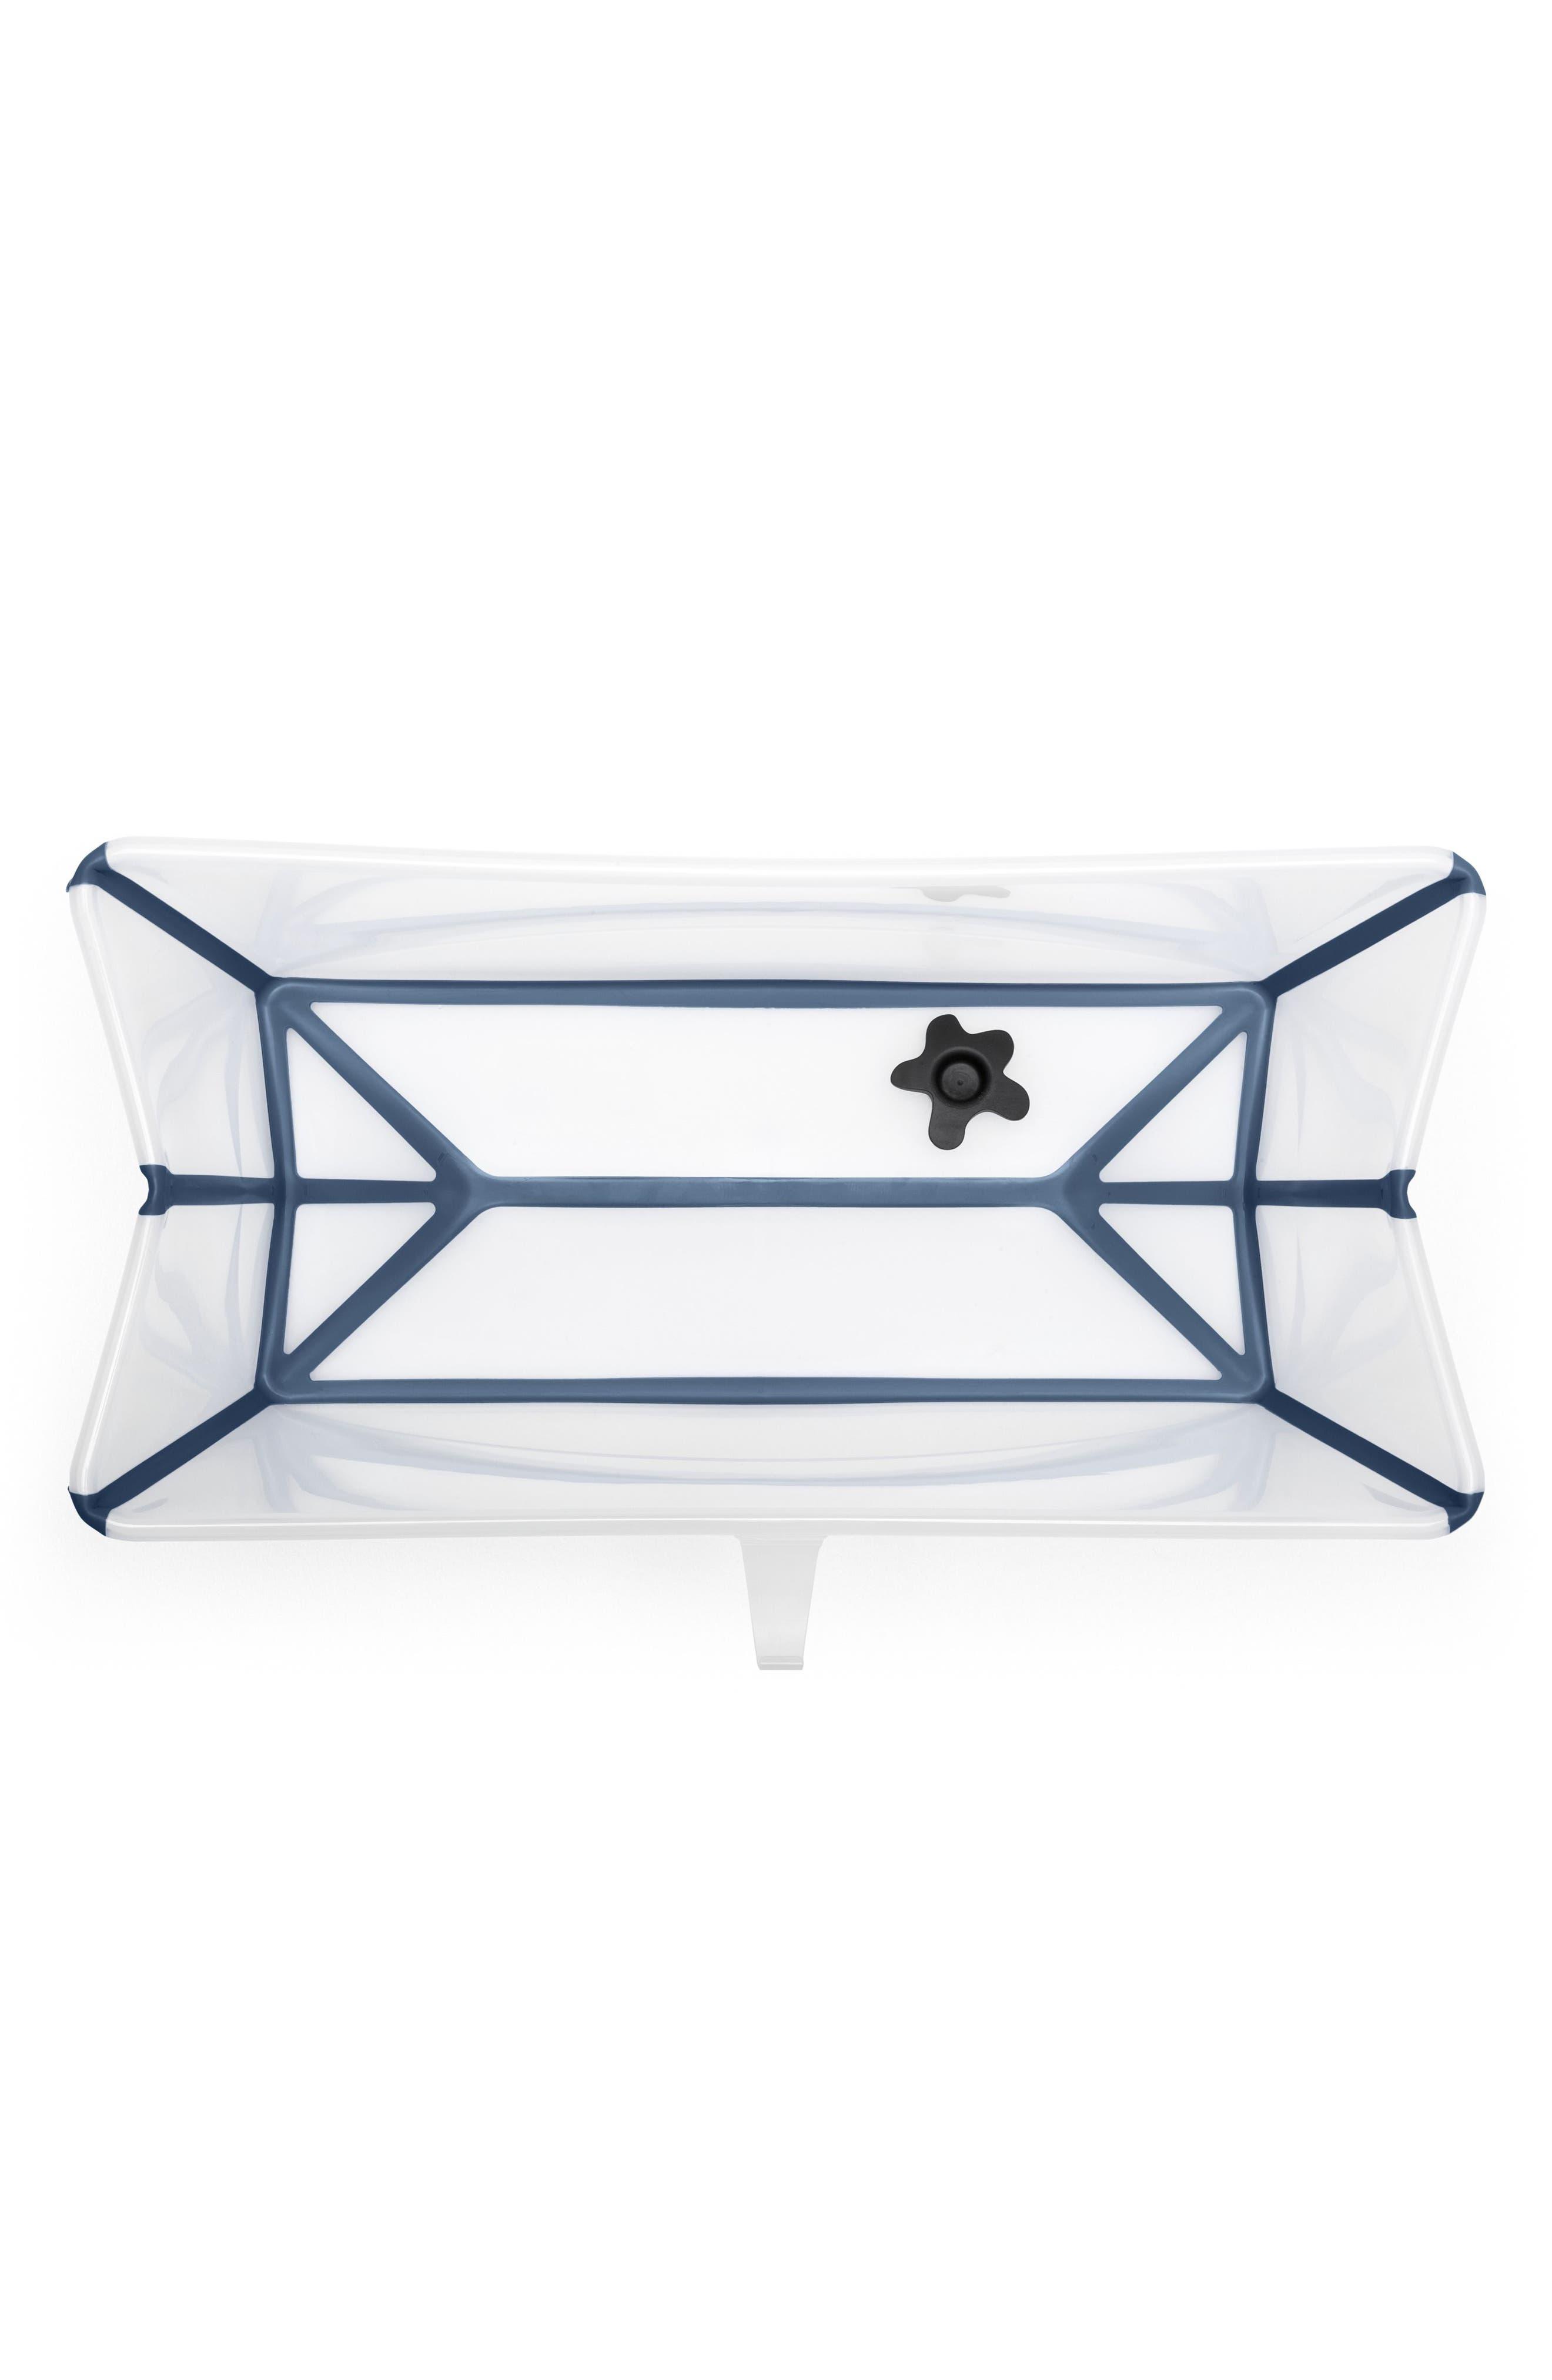 'Flexi Bath<sup>®</sup>' Foldable Baby Bathtub,                             Alternate thumbnail 2, color,                             TRANSPARENT BLUE